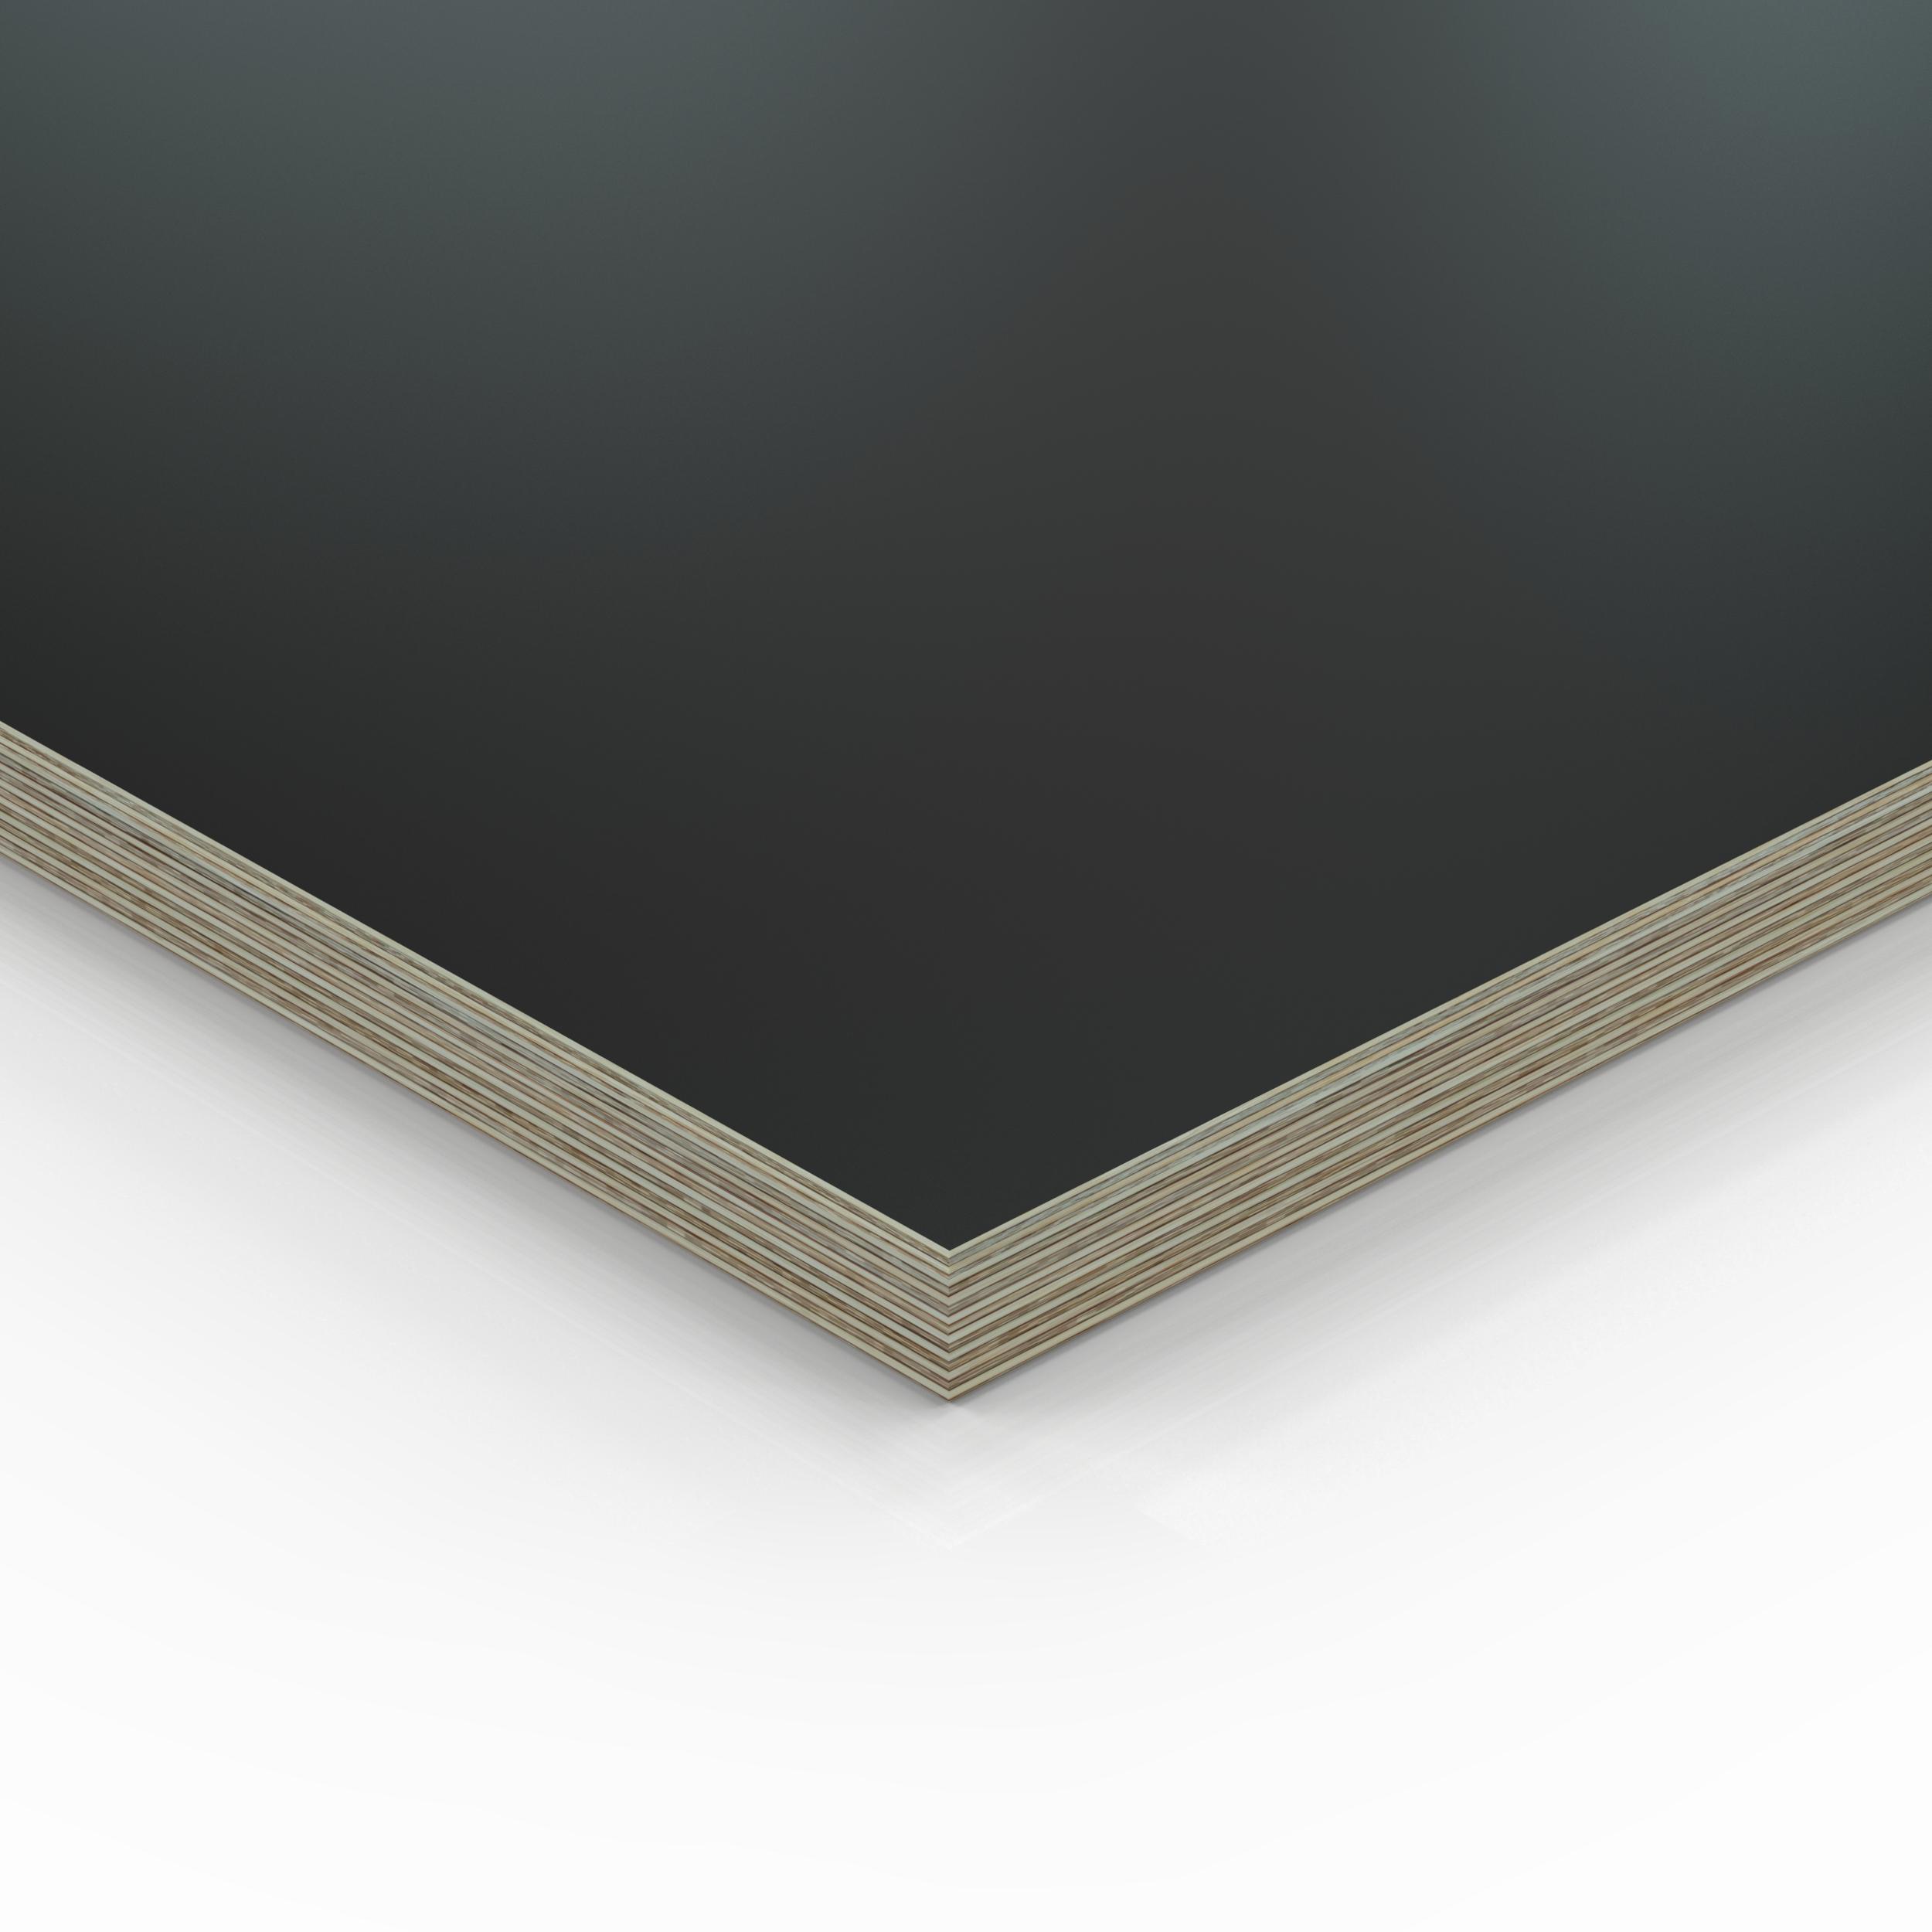 12mm Multiplex Zuschnitt schwarz melaminbeschichtet L/änge bis 200cm Multiplexplatten Zuschnitte Auswahl 60x60 cm